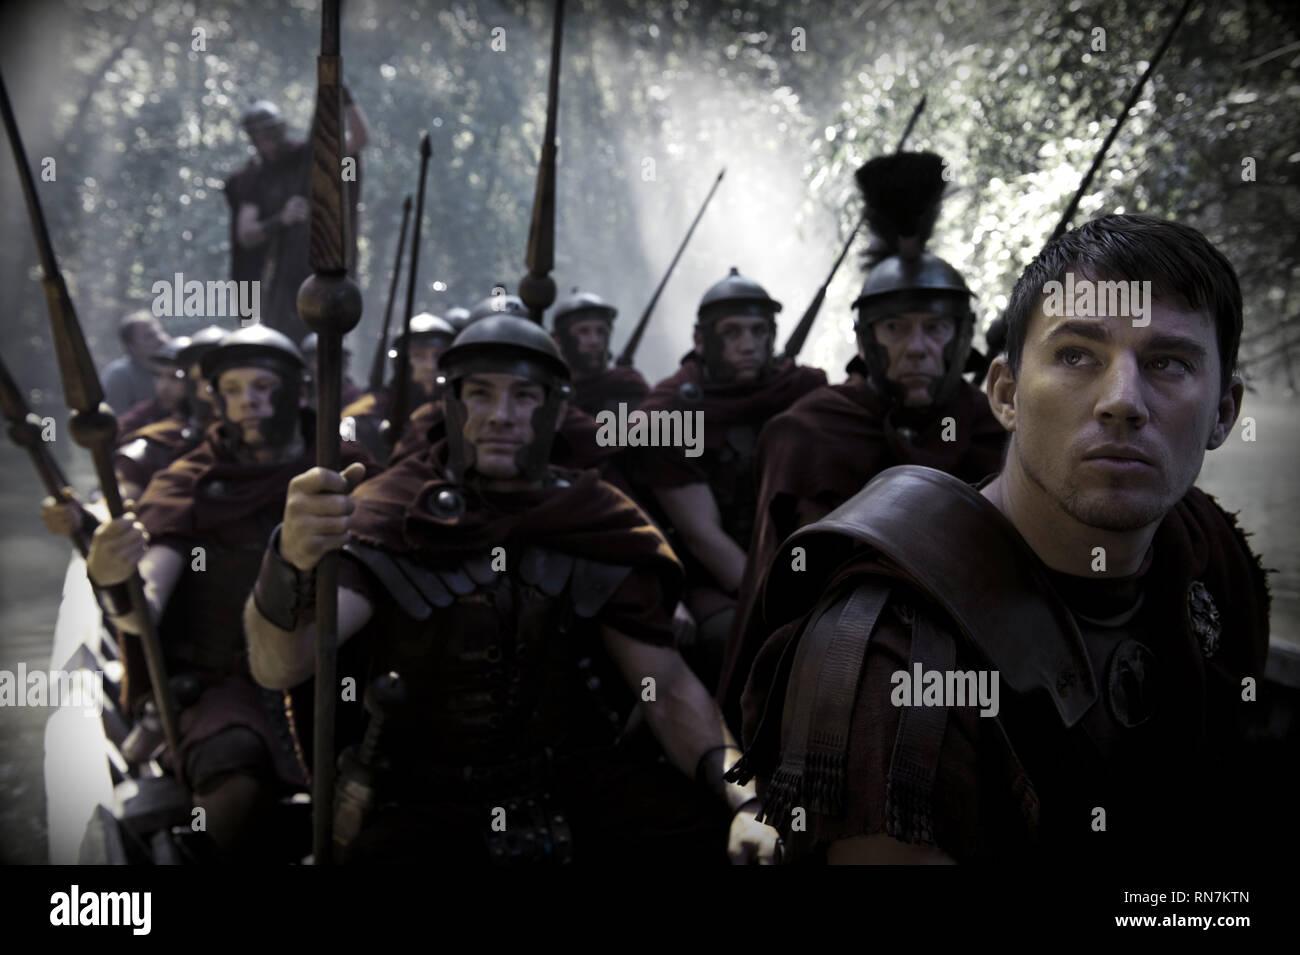 CHANNING TATUM, ADLER, 2011 Stockbild